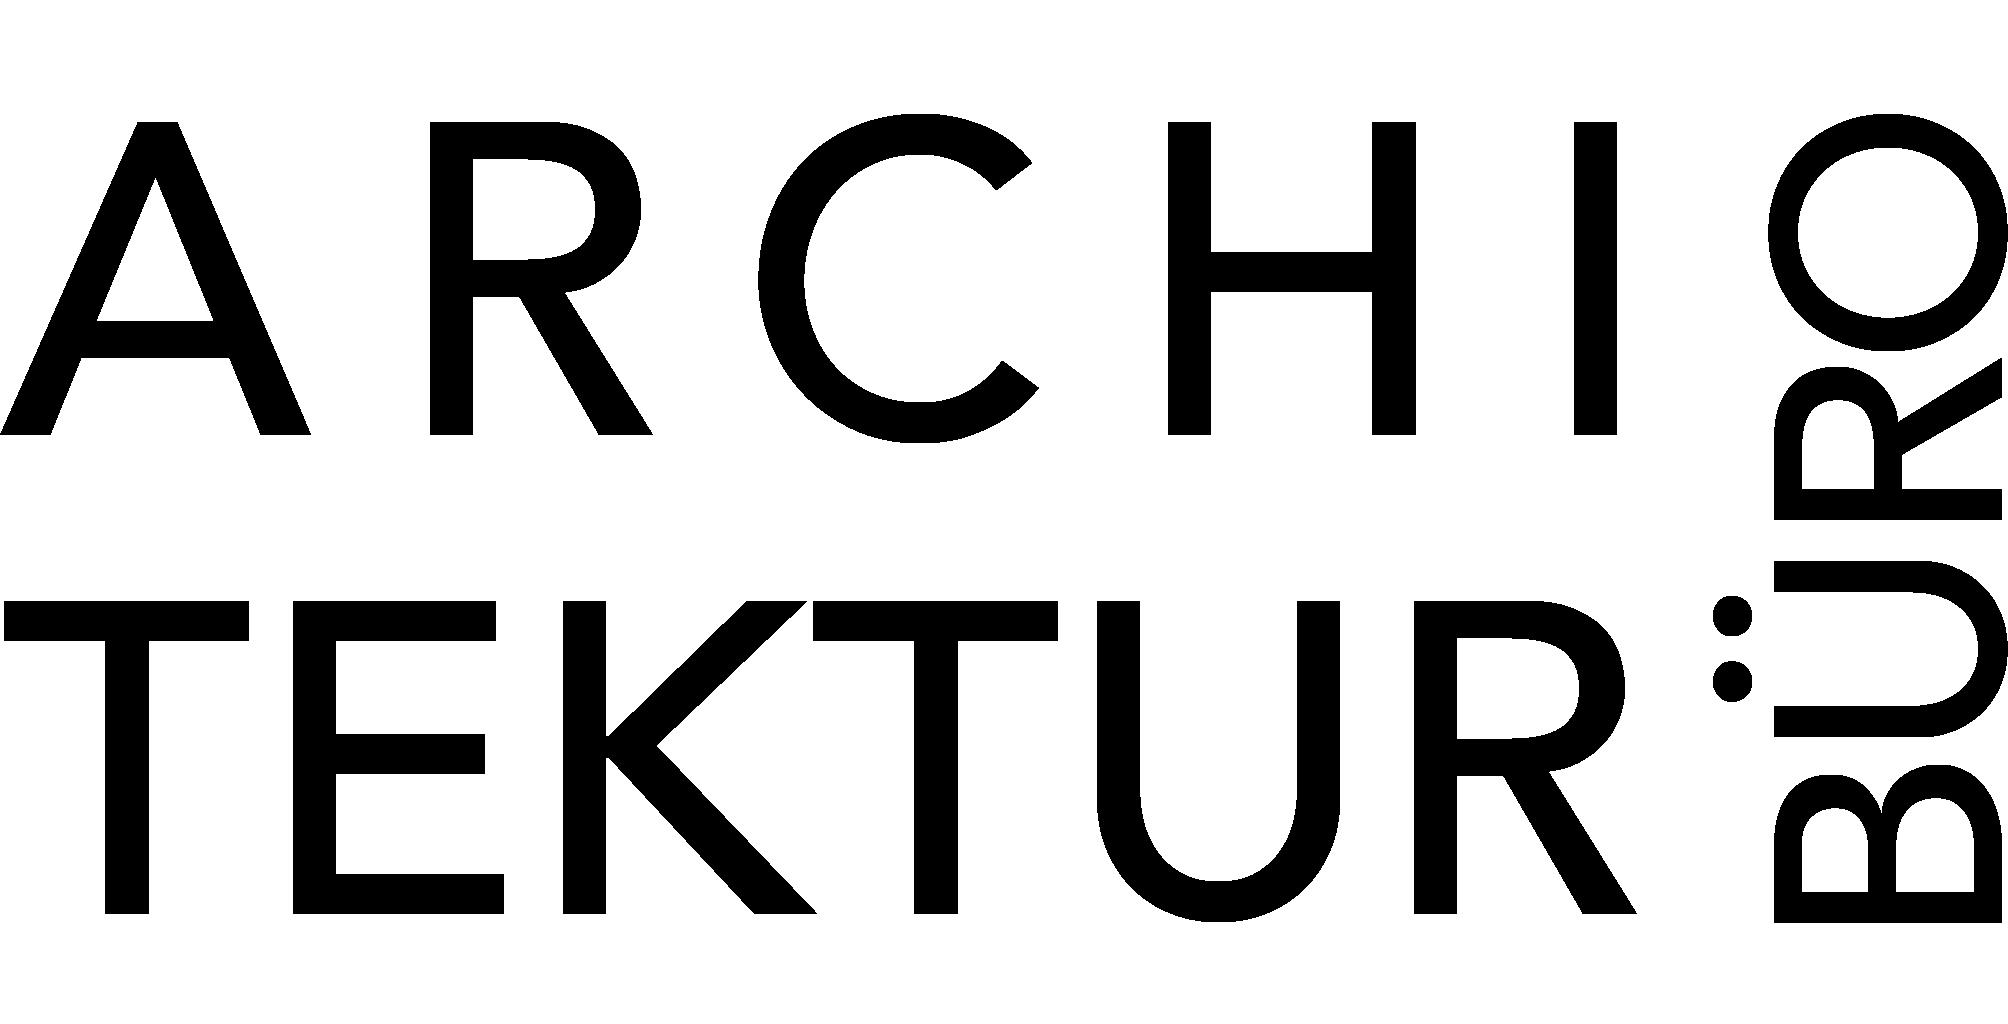 Mechtildstg